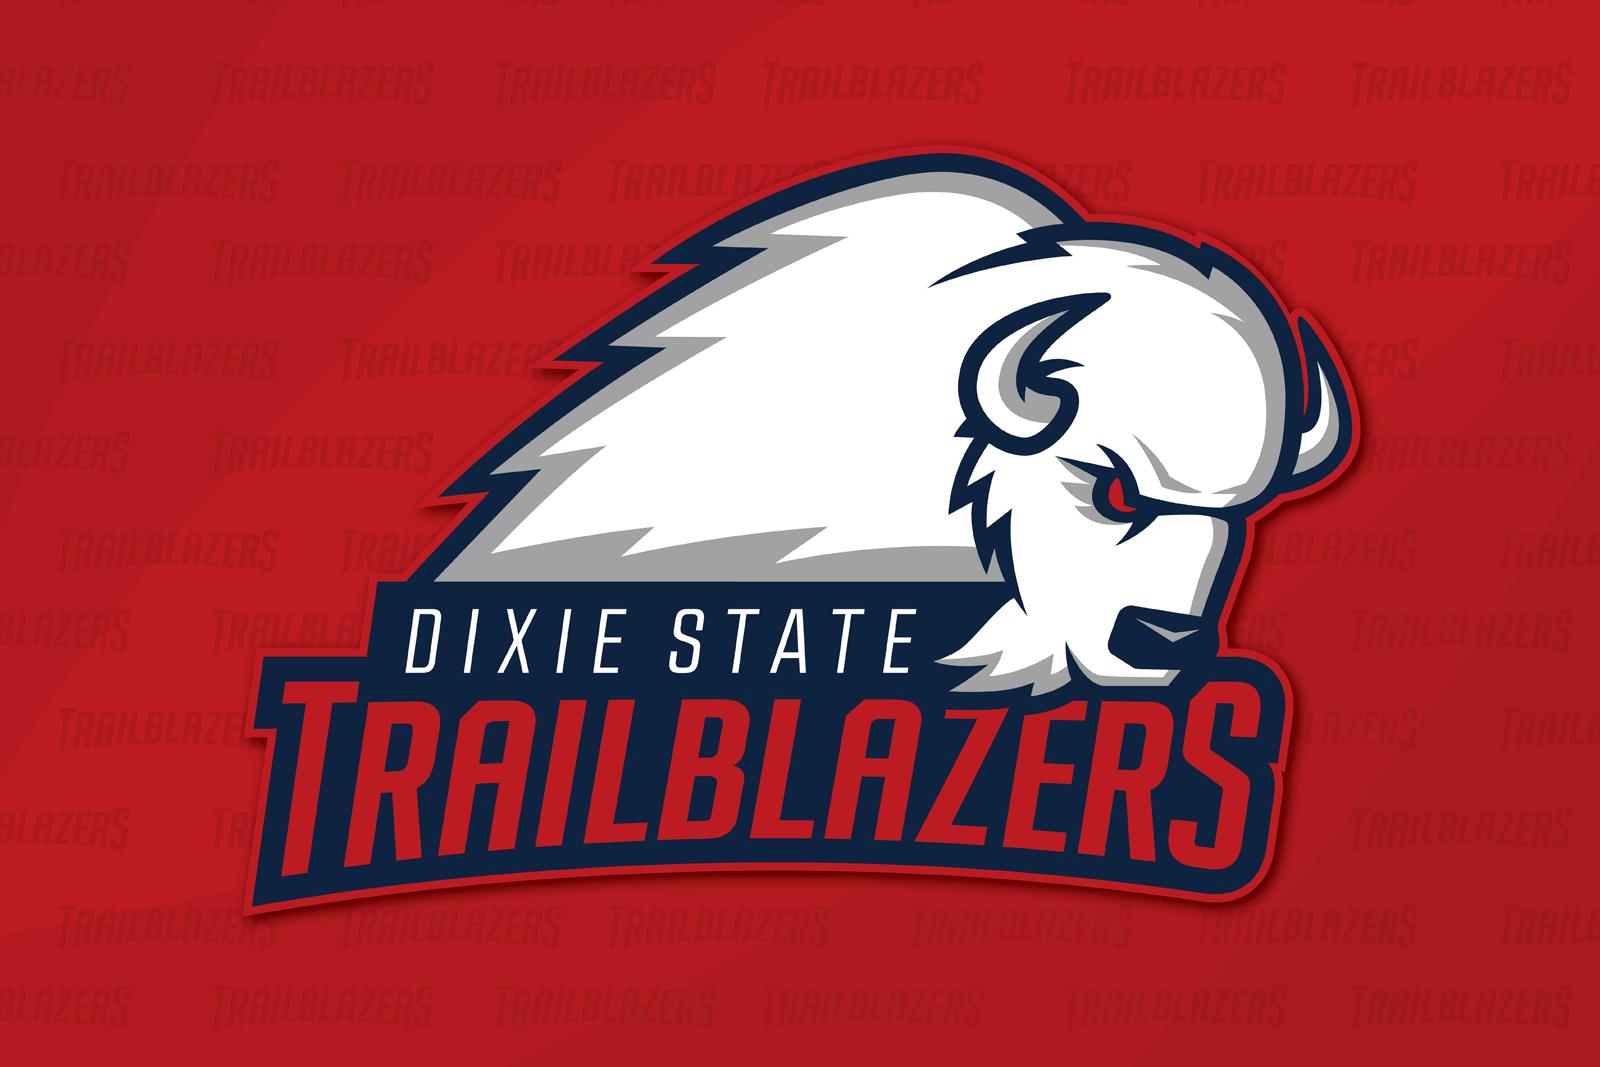 Dixie State Trailblazers